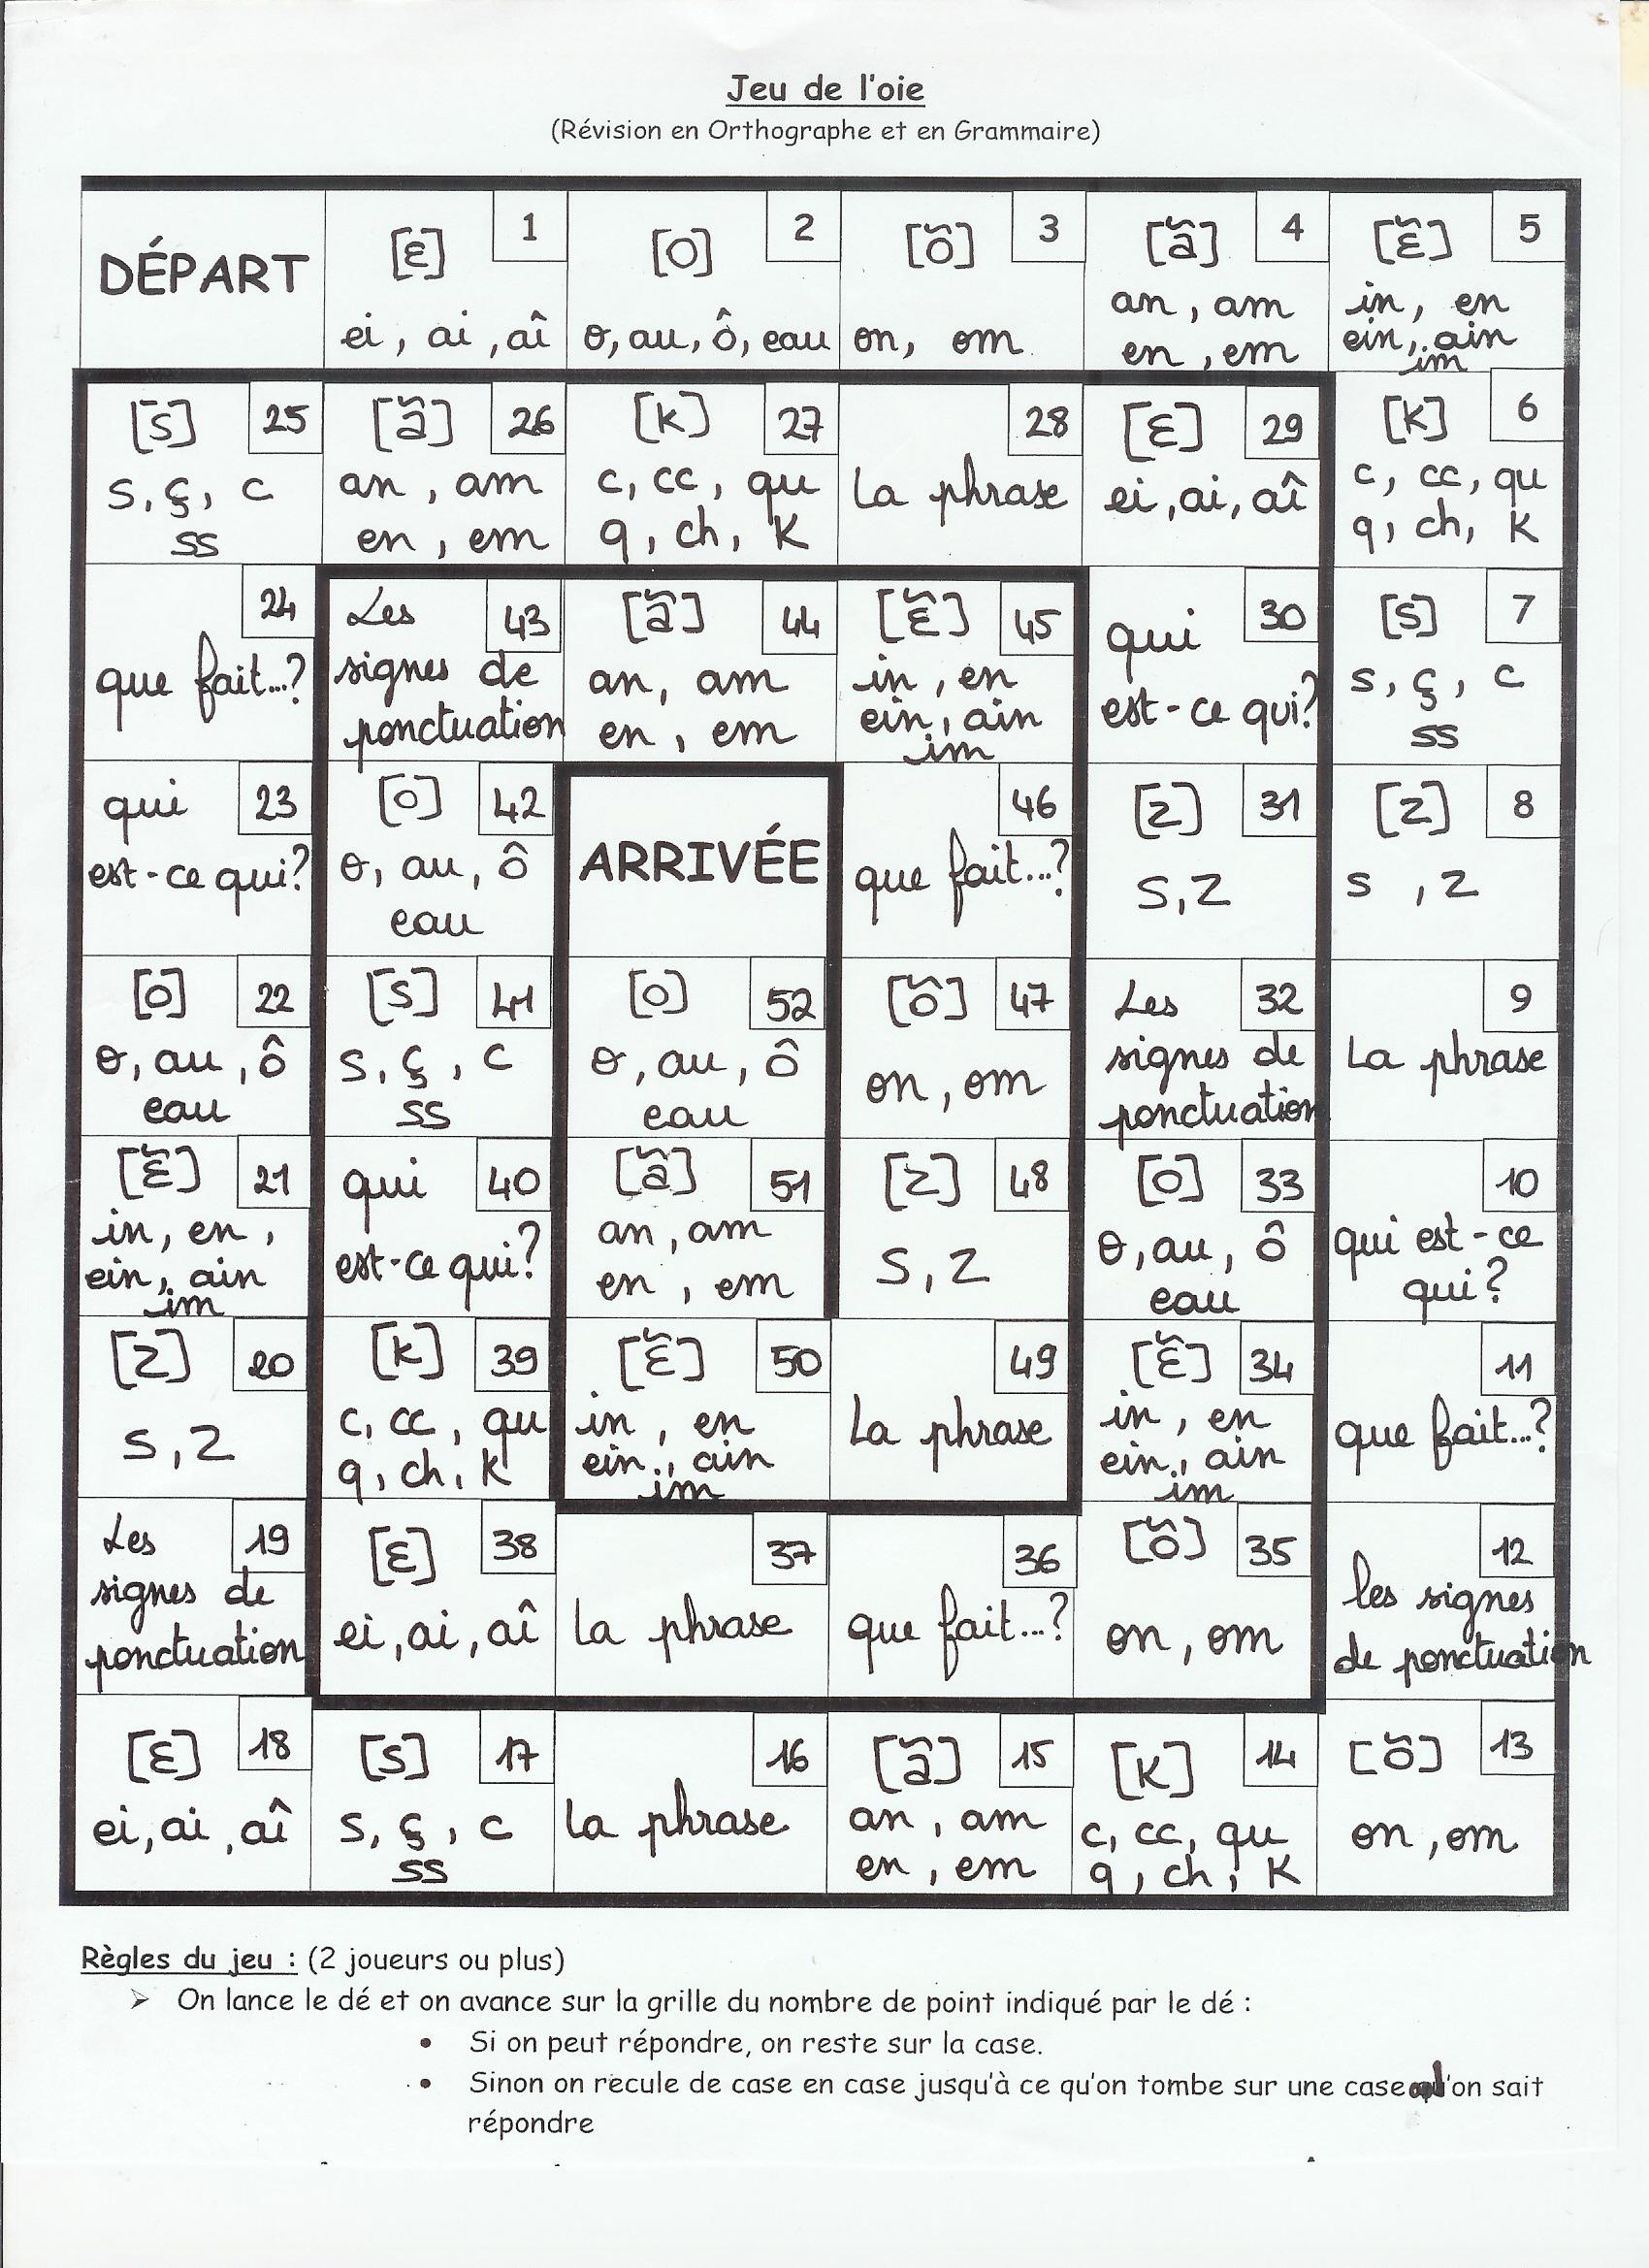 Jeu De L'oie En Orthographe Et Grammaire (Ce1 8 Ans dedans Fiche Français Ce1 Imprimer